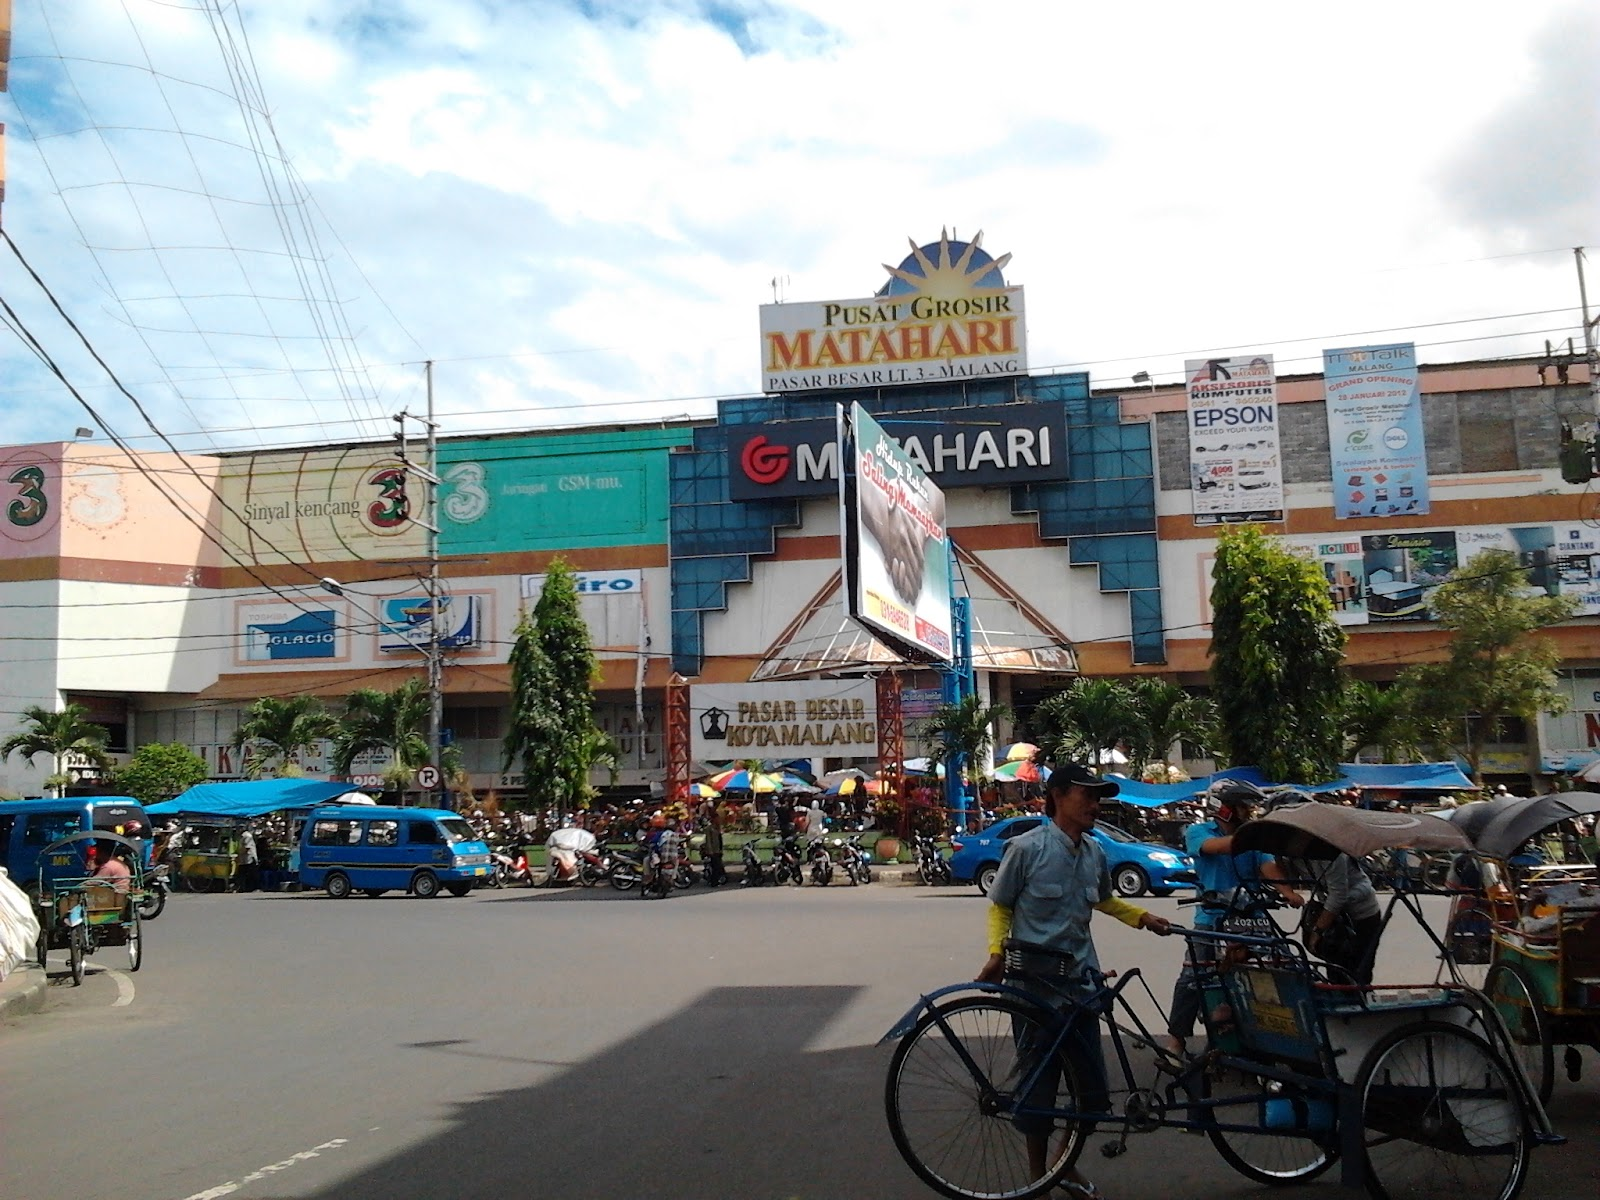 wisata belanja murah pasar tradisional besar malang dolaners pasar besar malang - Dolan Dolen